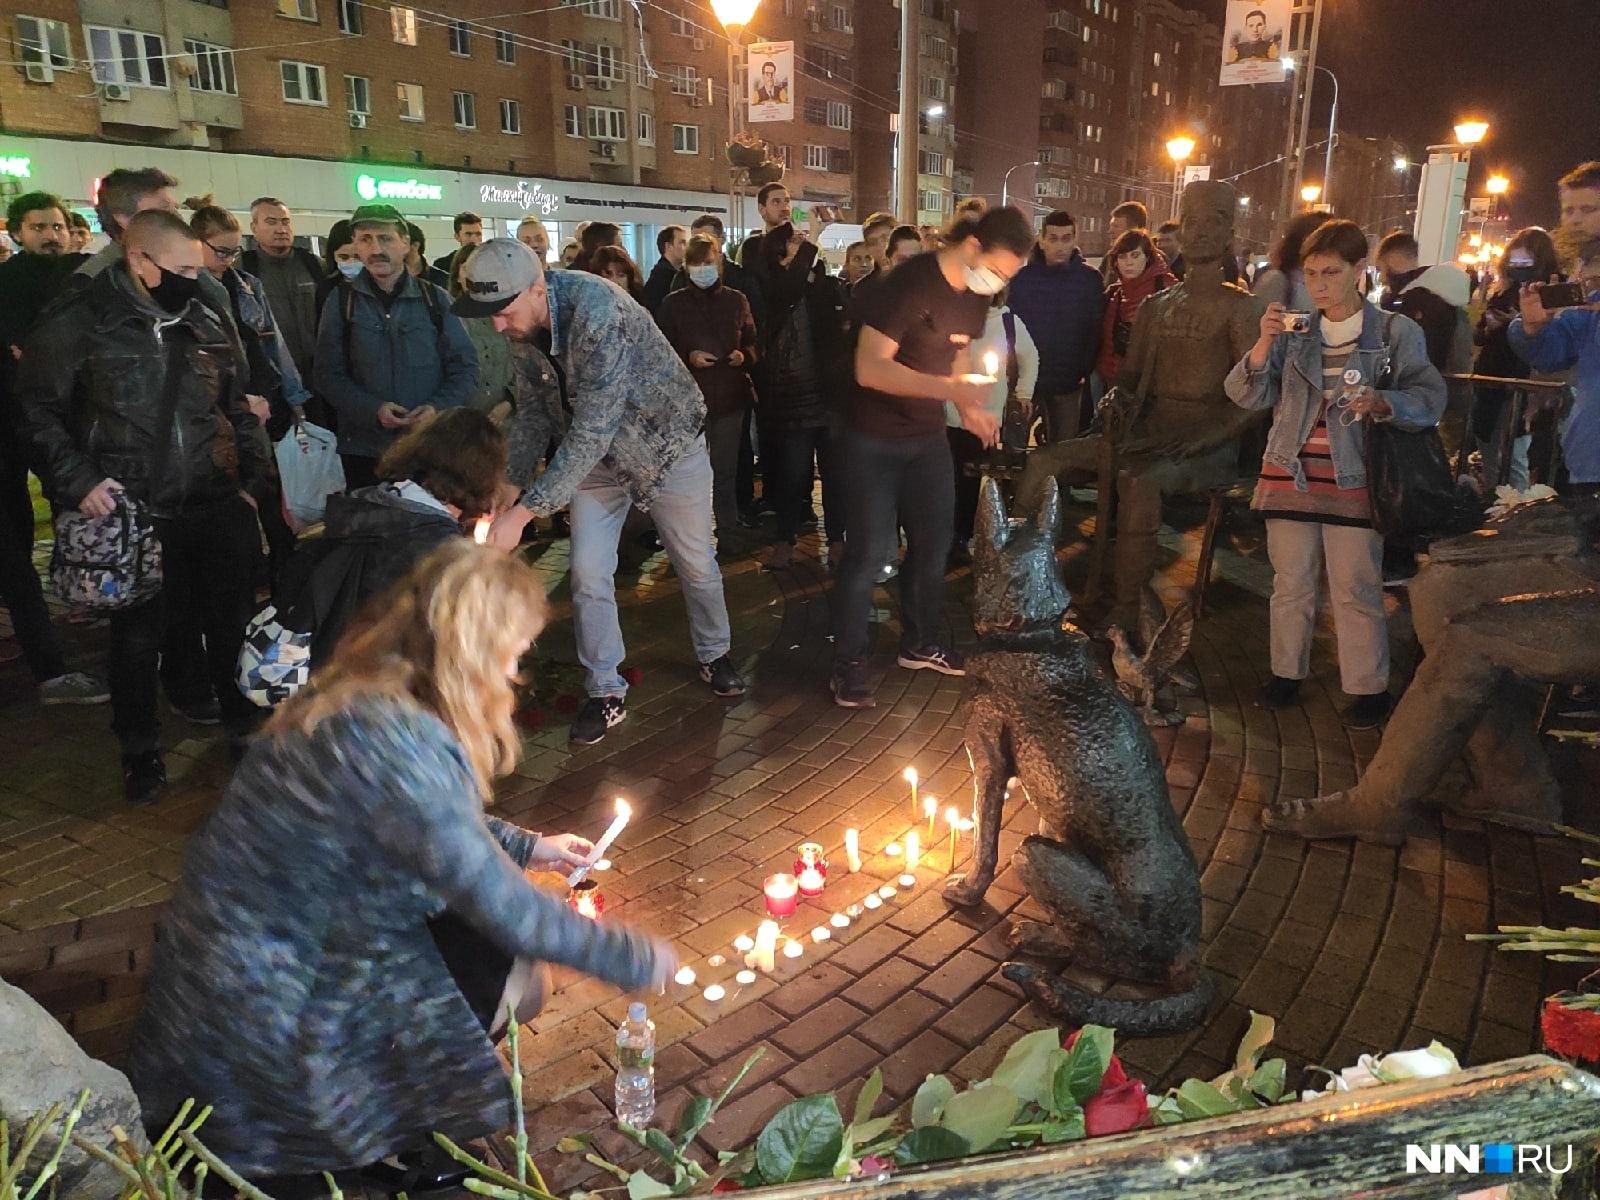 Нижегородцы приносят свечи и цветы, общаются и пытаются понять, что стало причиной этого непоправимого решения